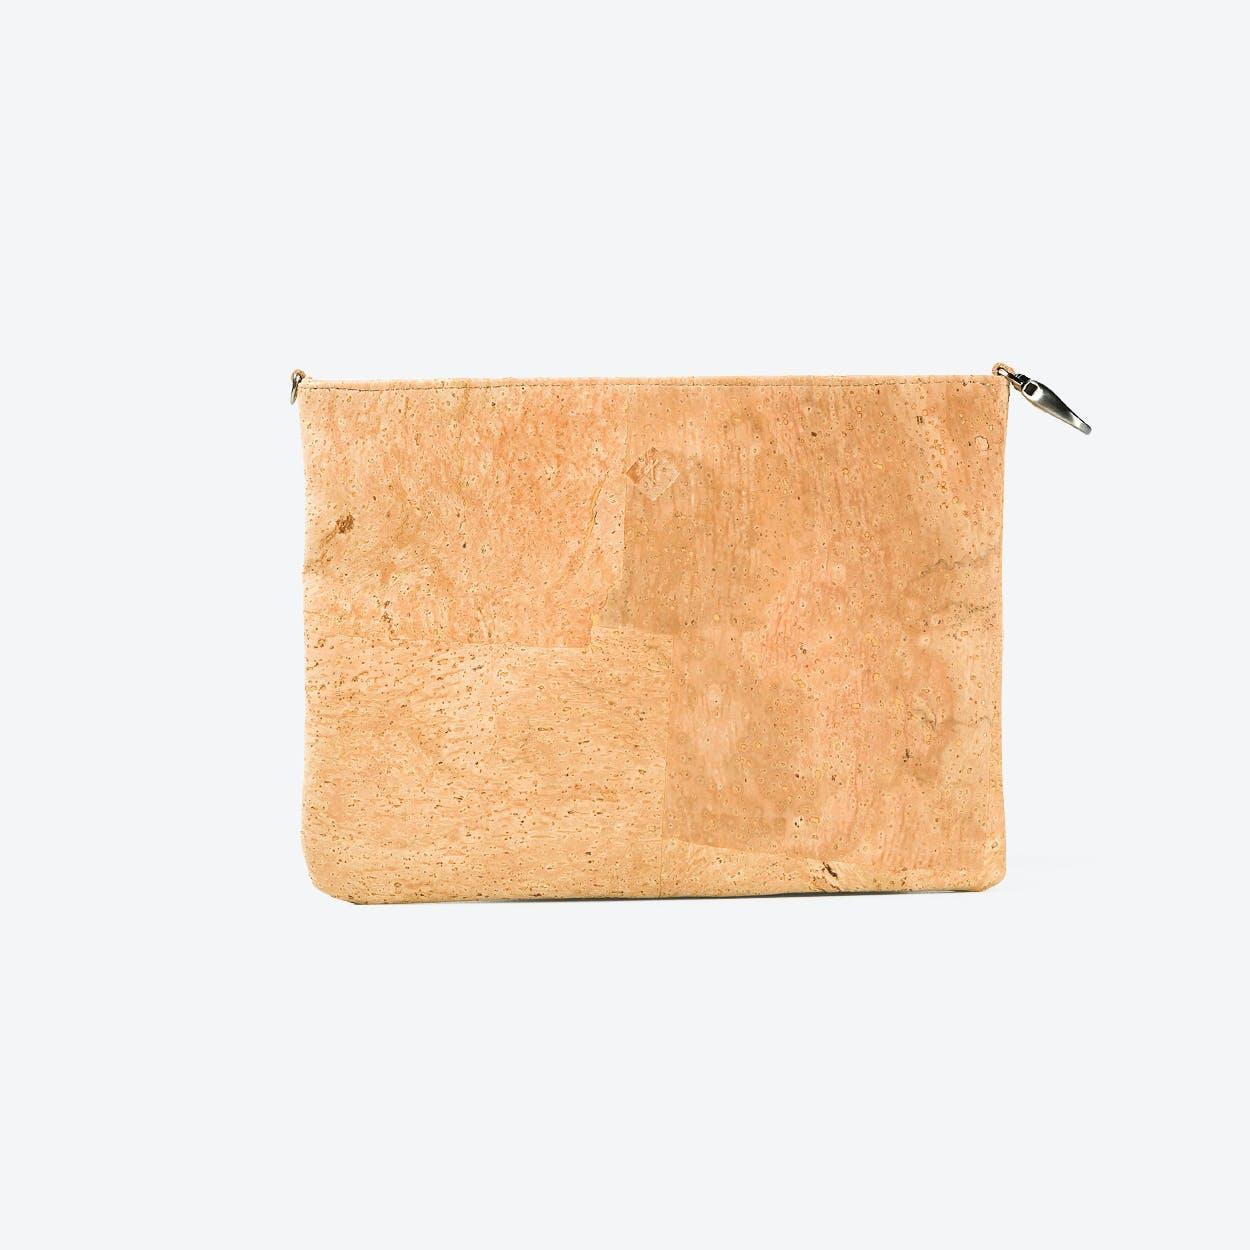 WICKY Light Cork Purses / Wallets